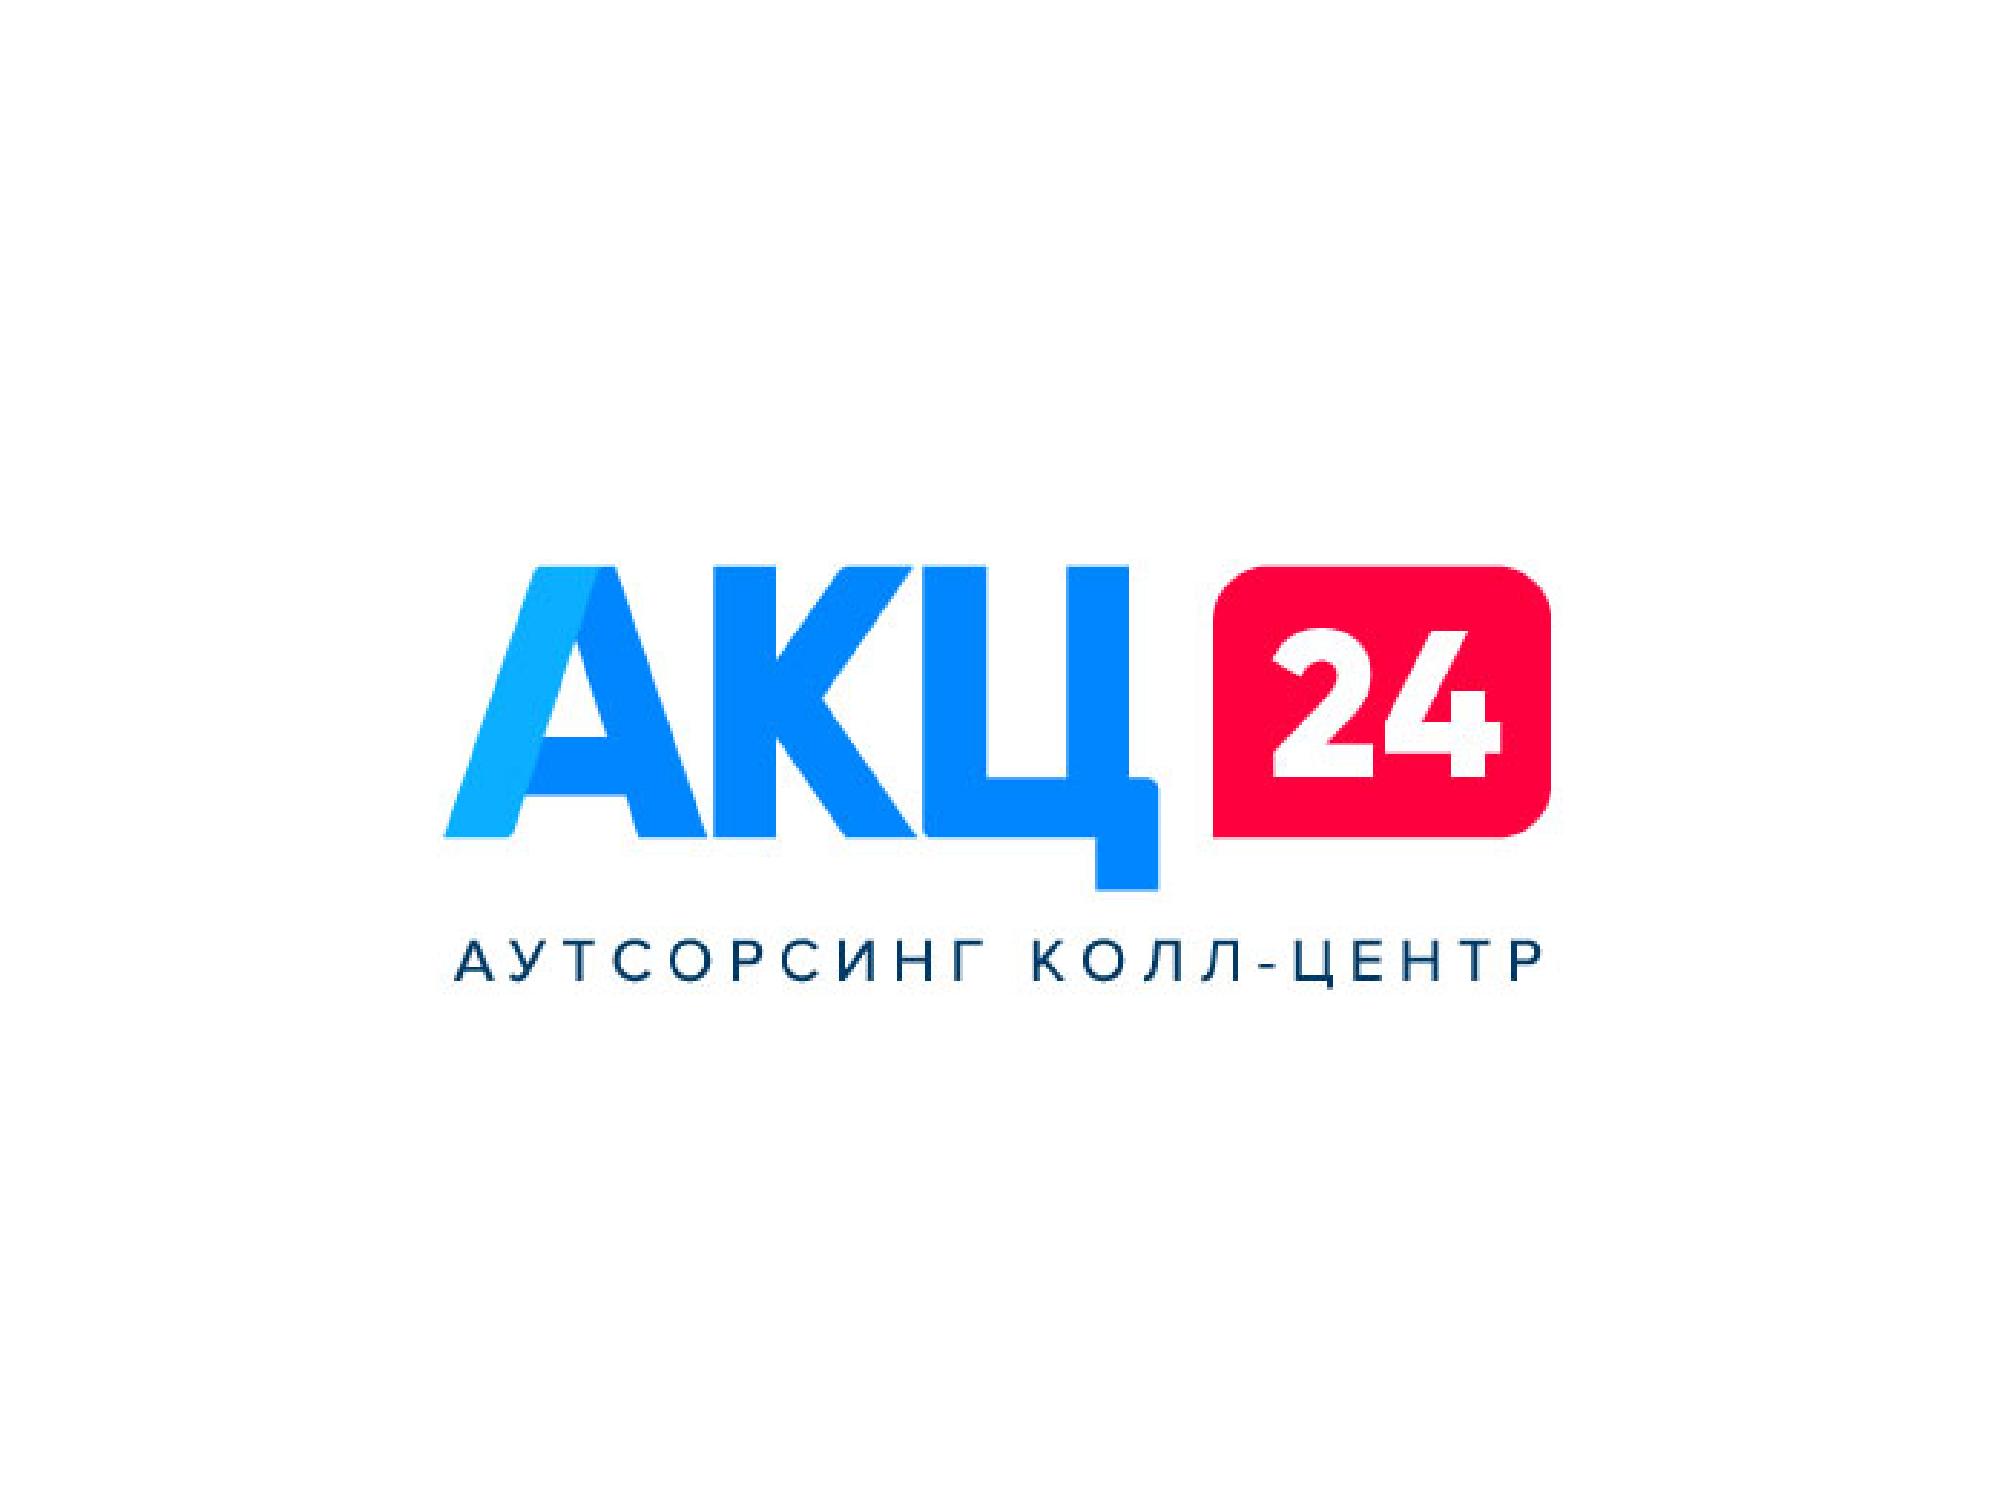 Ack24 logo